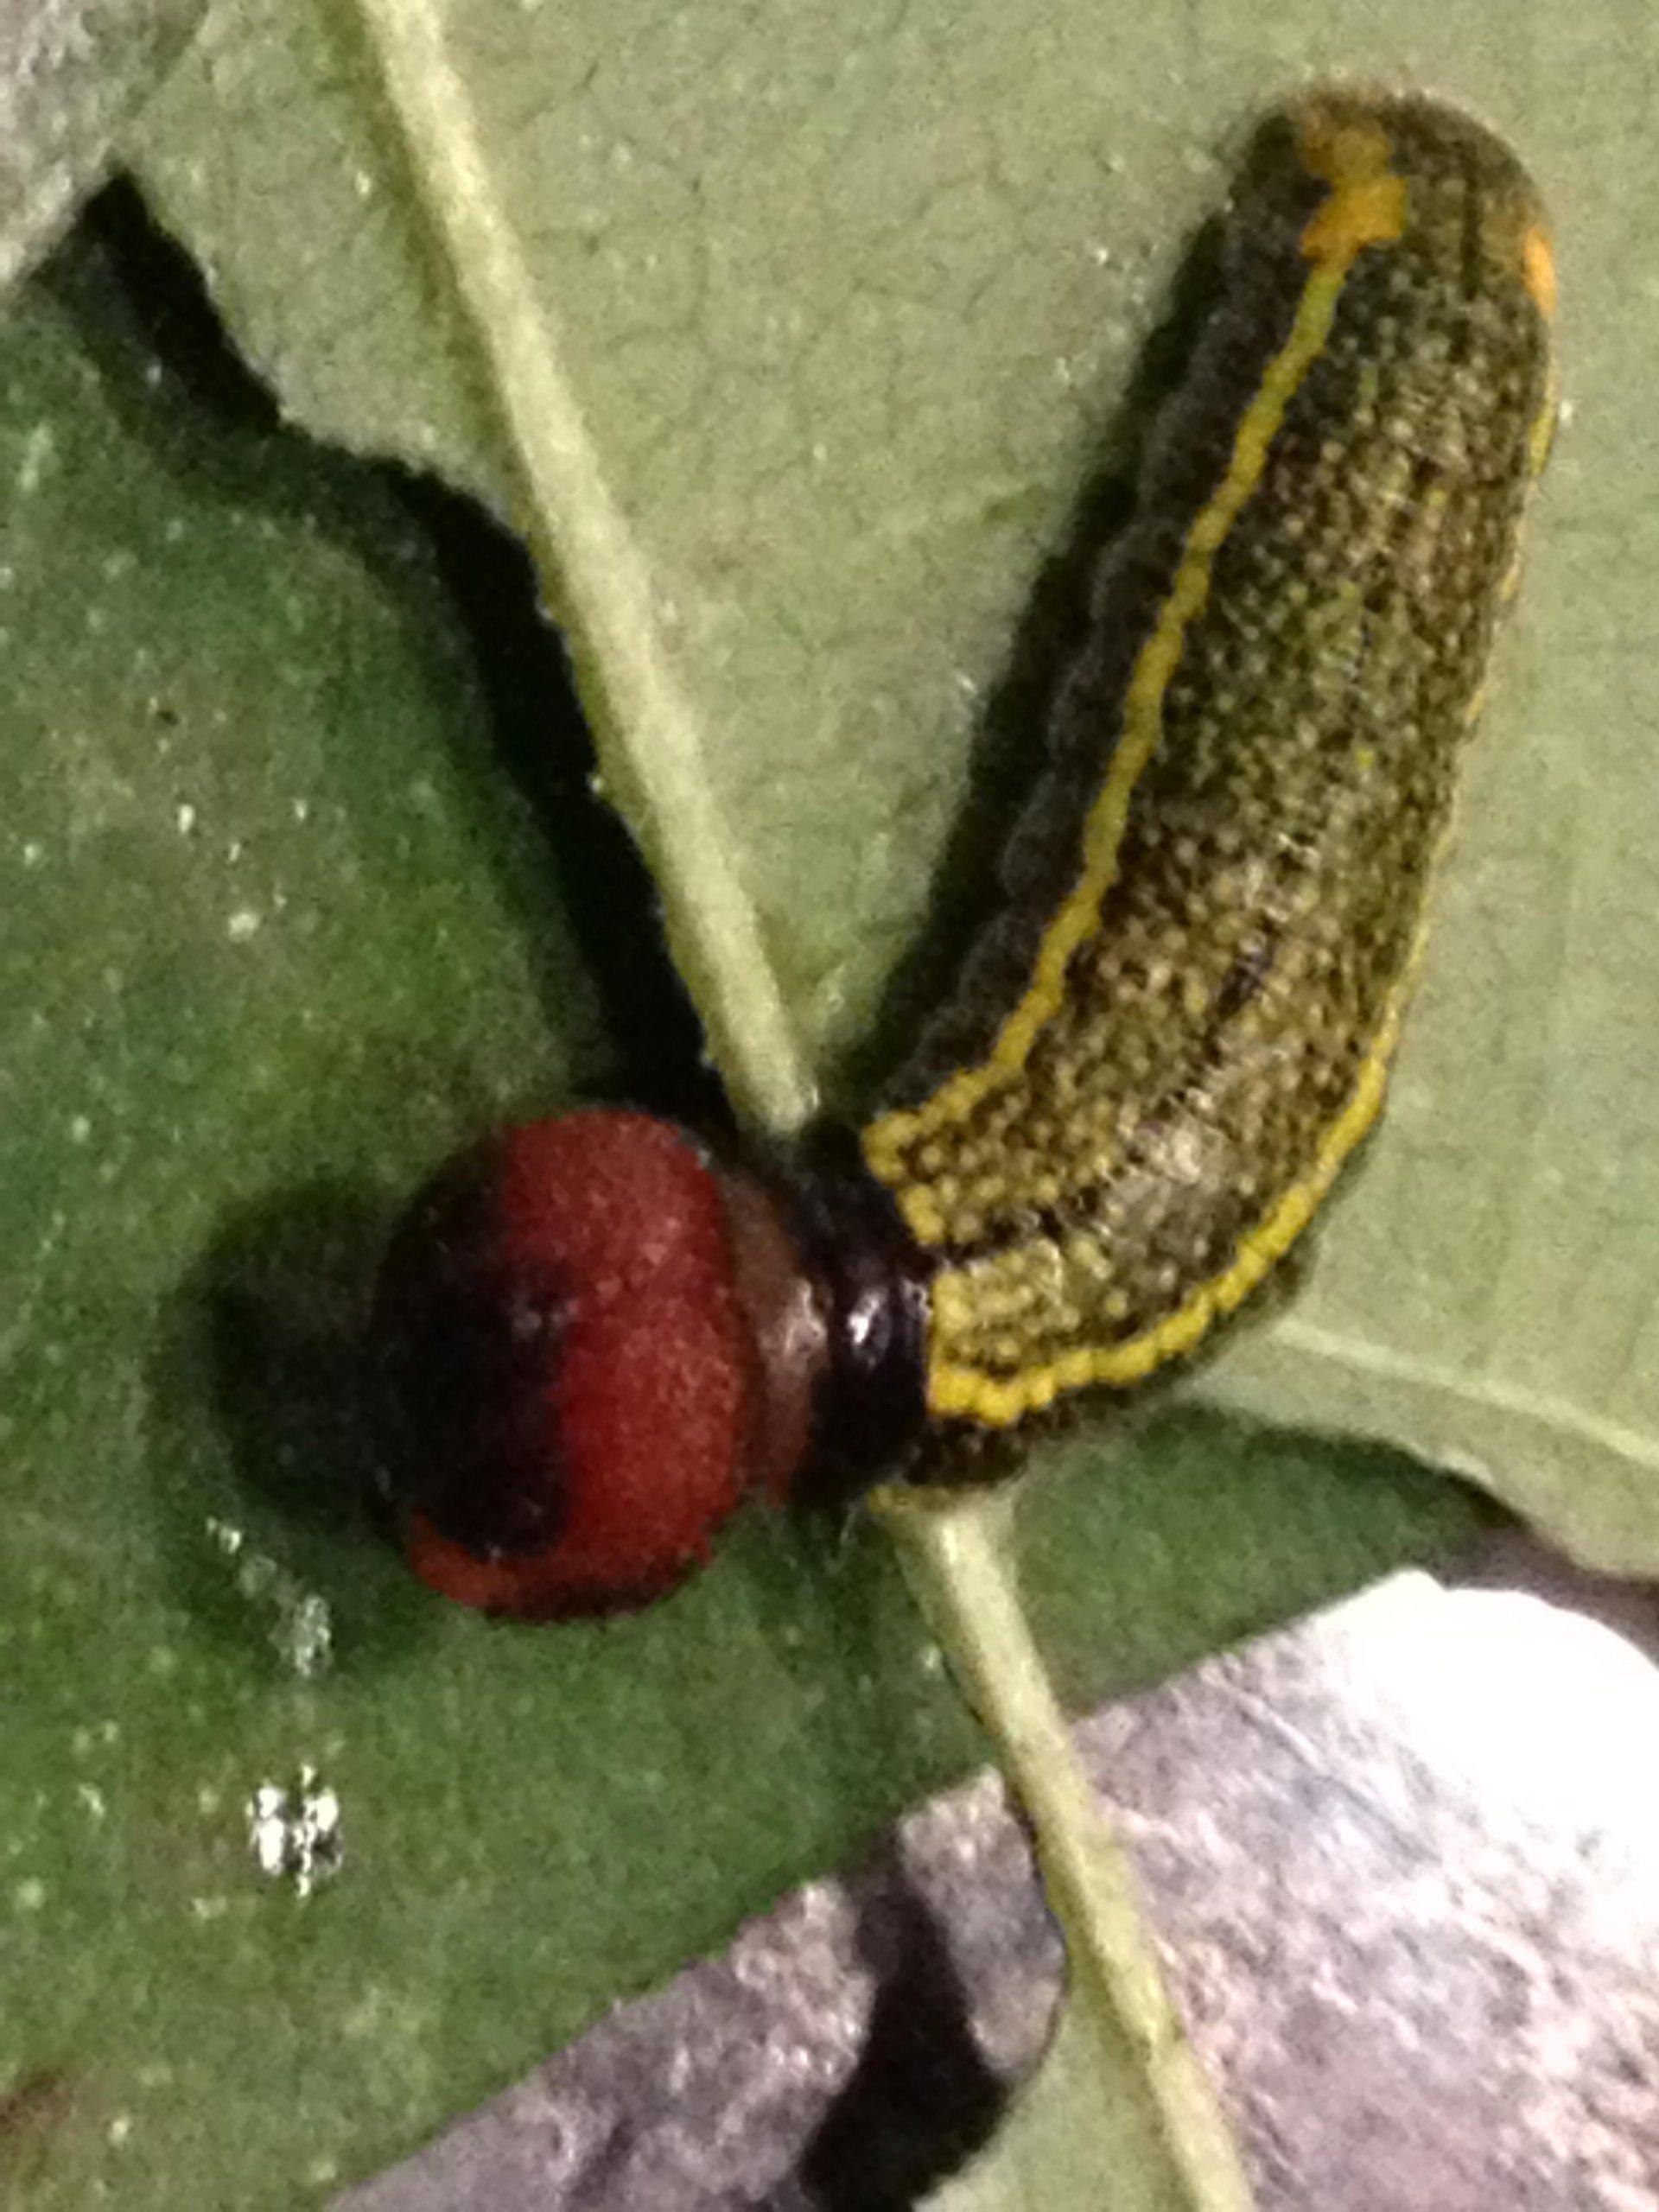 skiff moth caterpillar